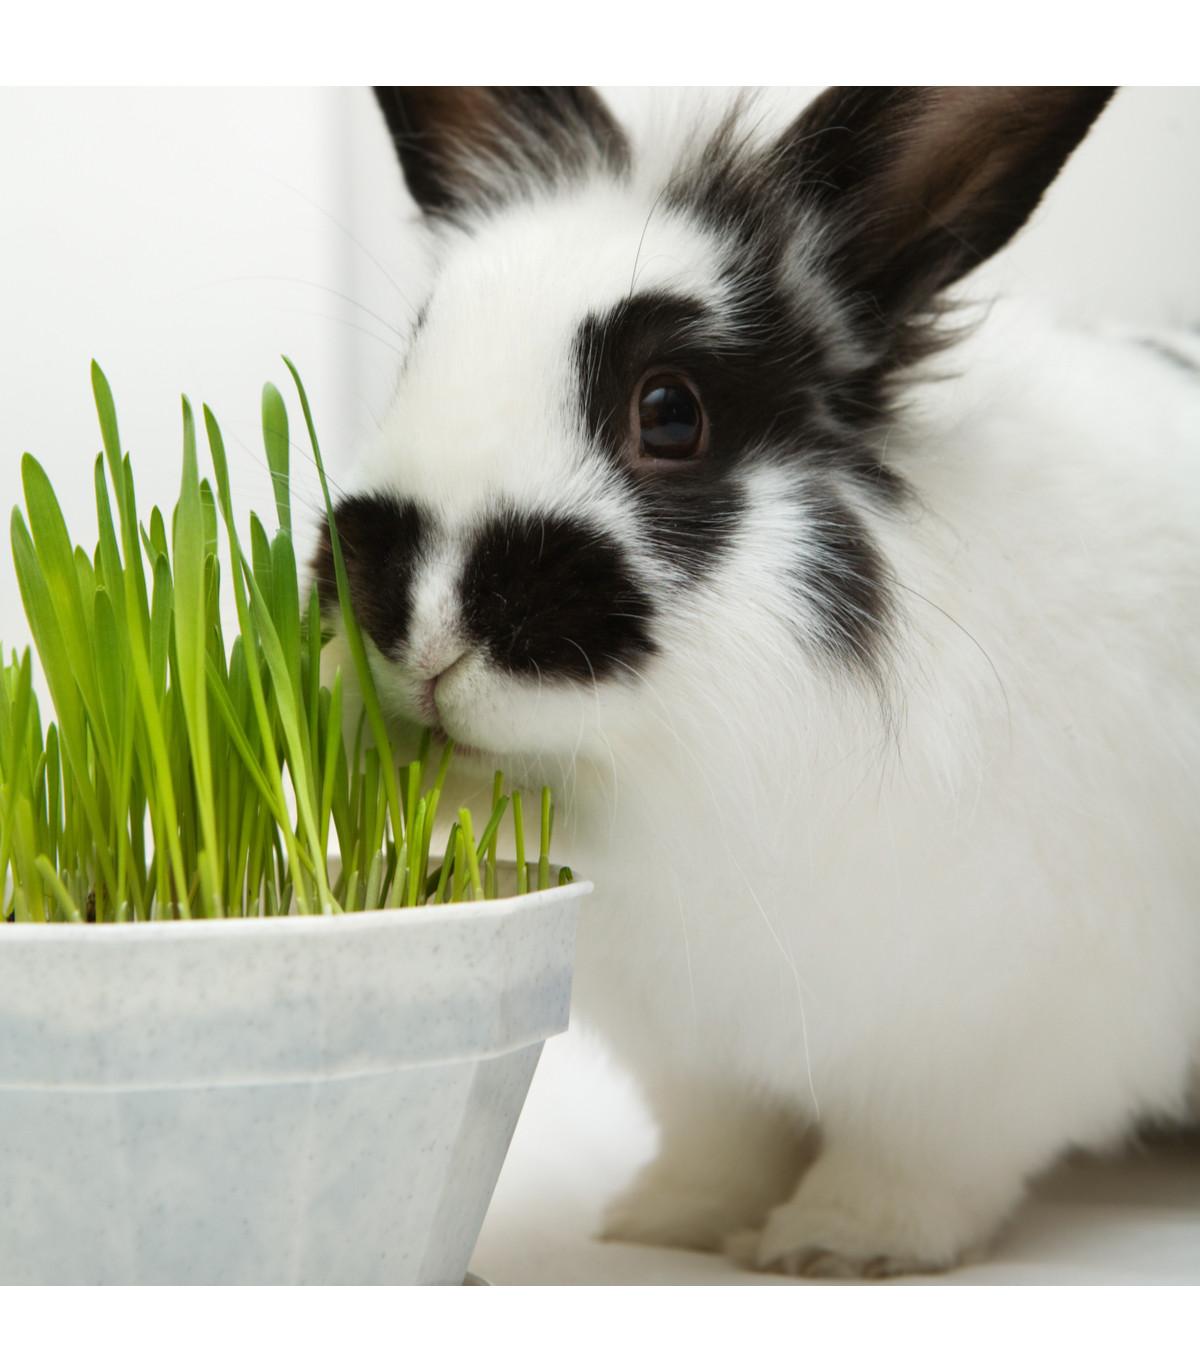 Tráva pre králiky - semená trávy pre králiky - 15 g